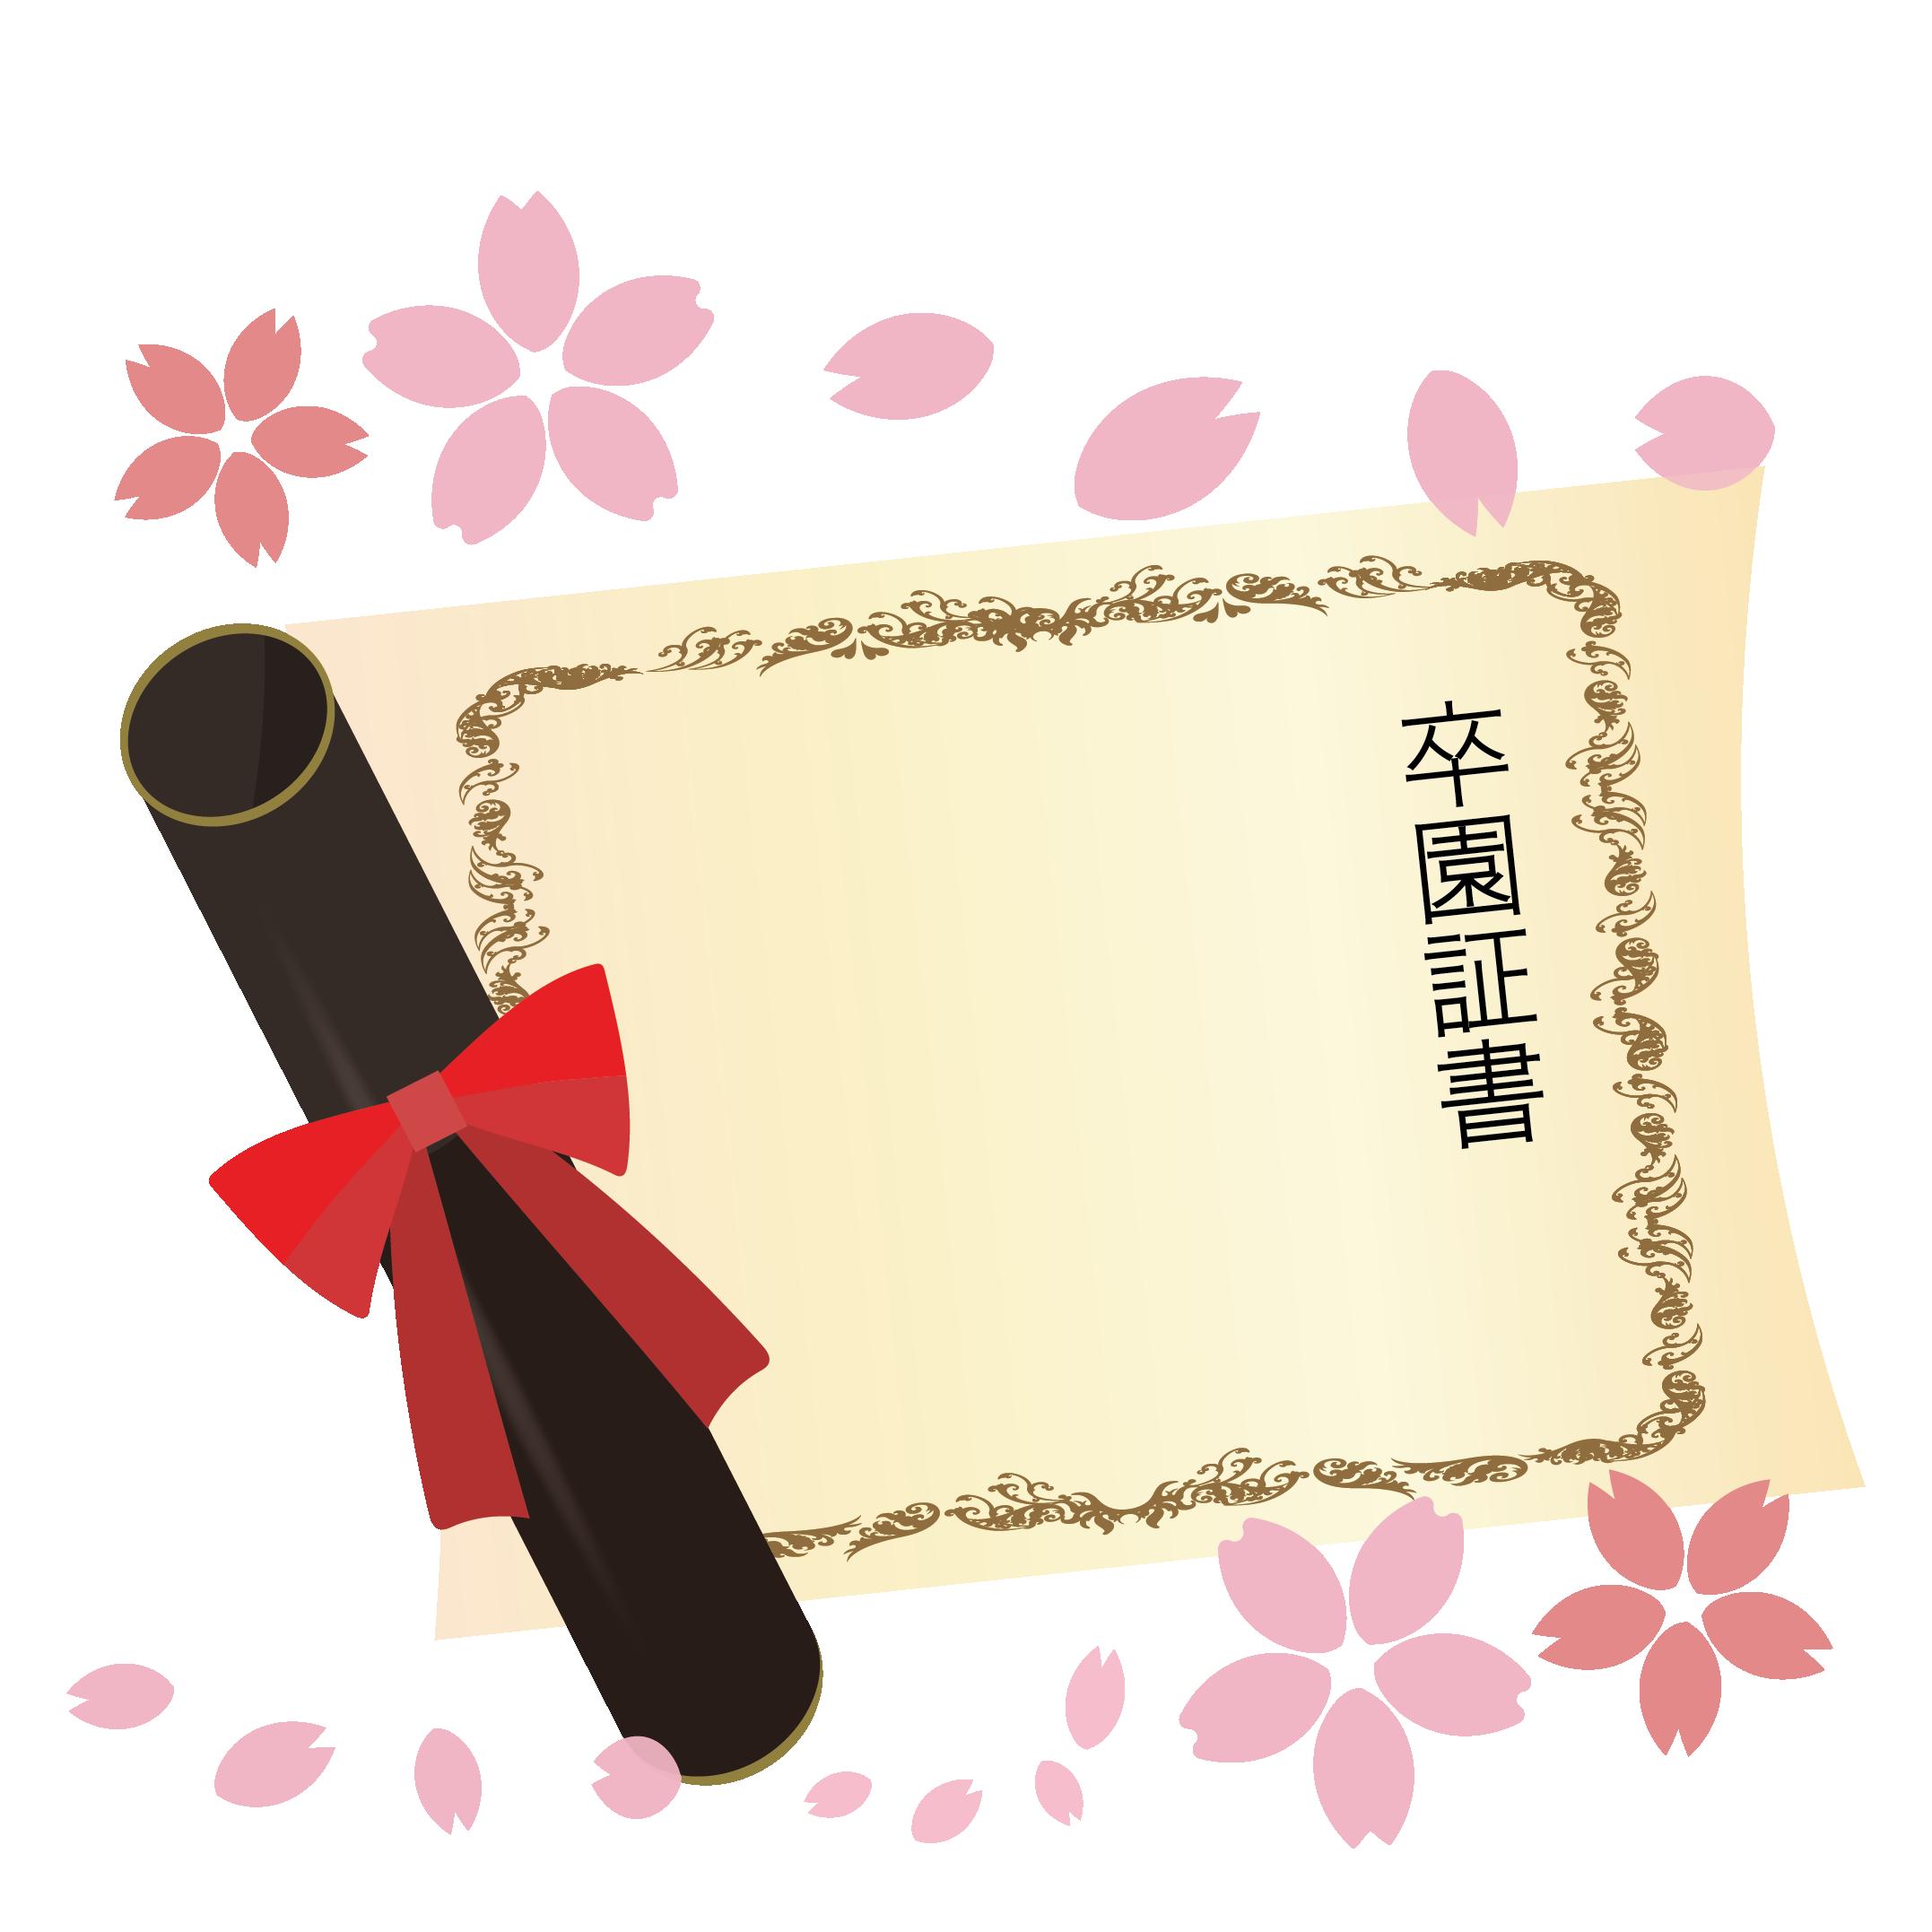 卒園証書のイラスト♪かわいい桜を添えて♪ | 商用フリー(無料)の